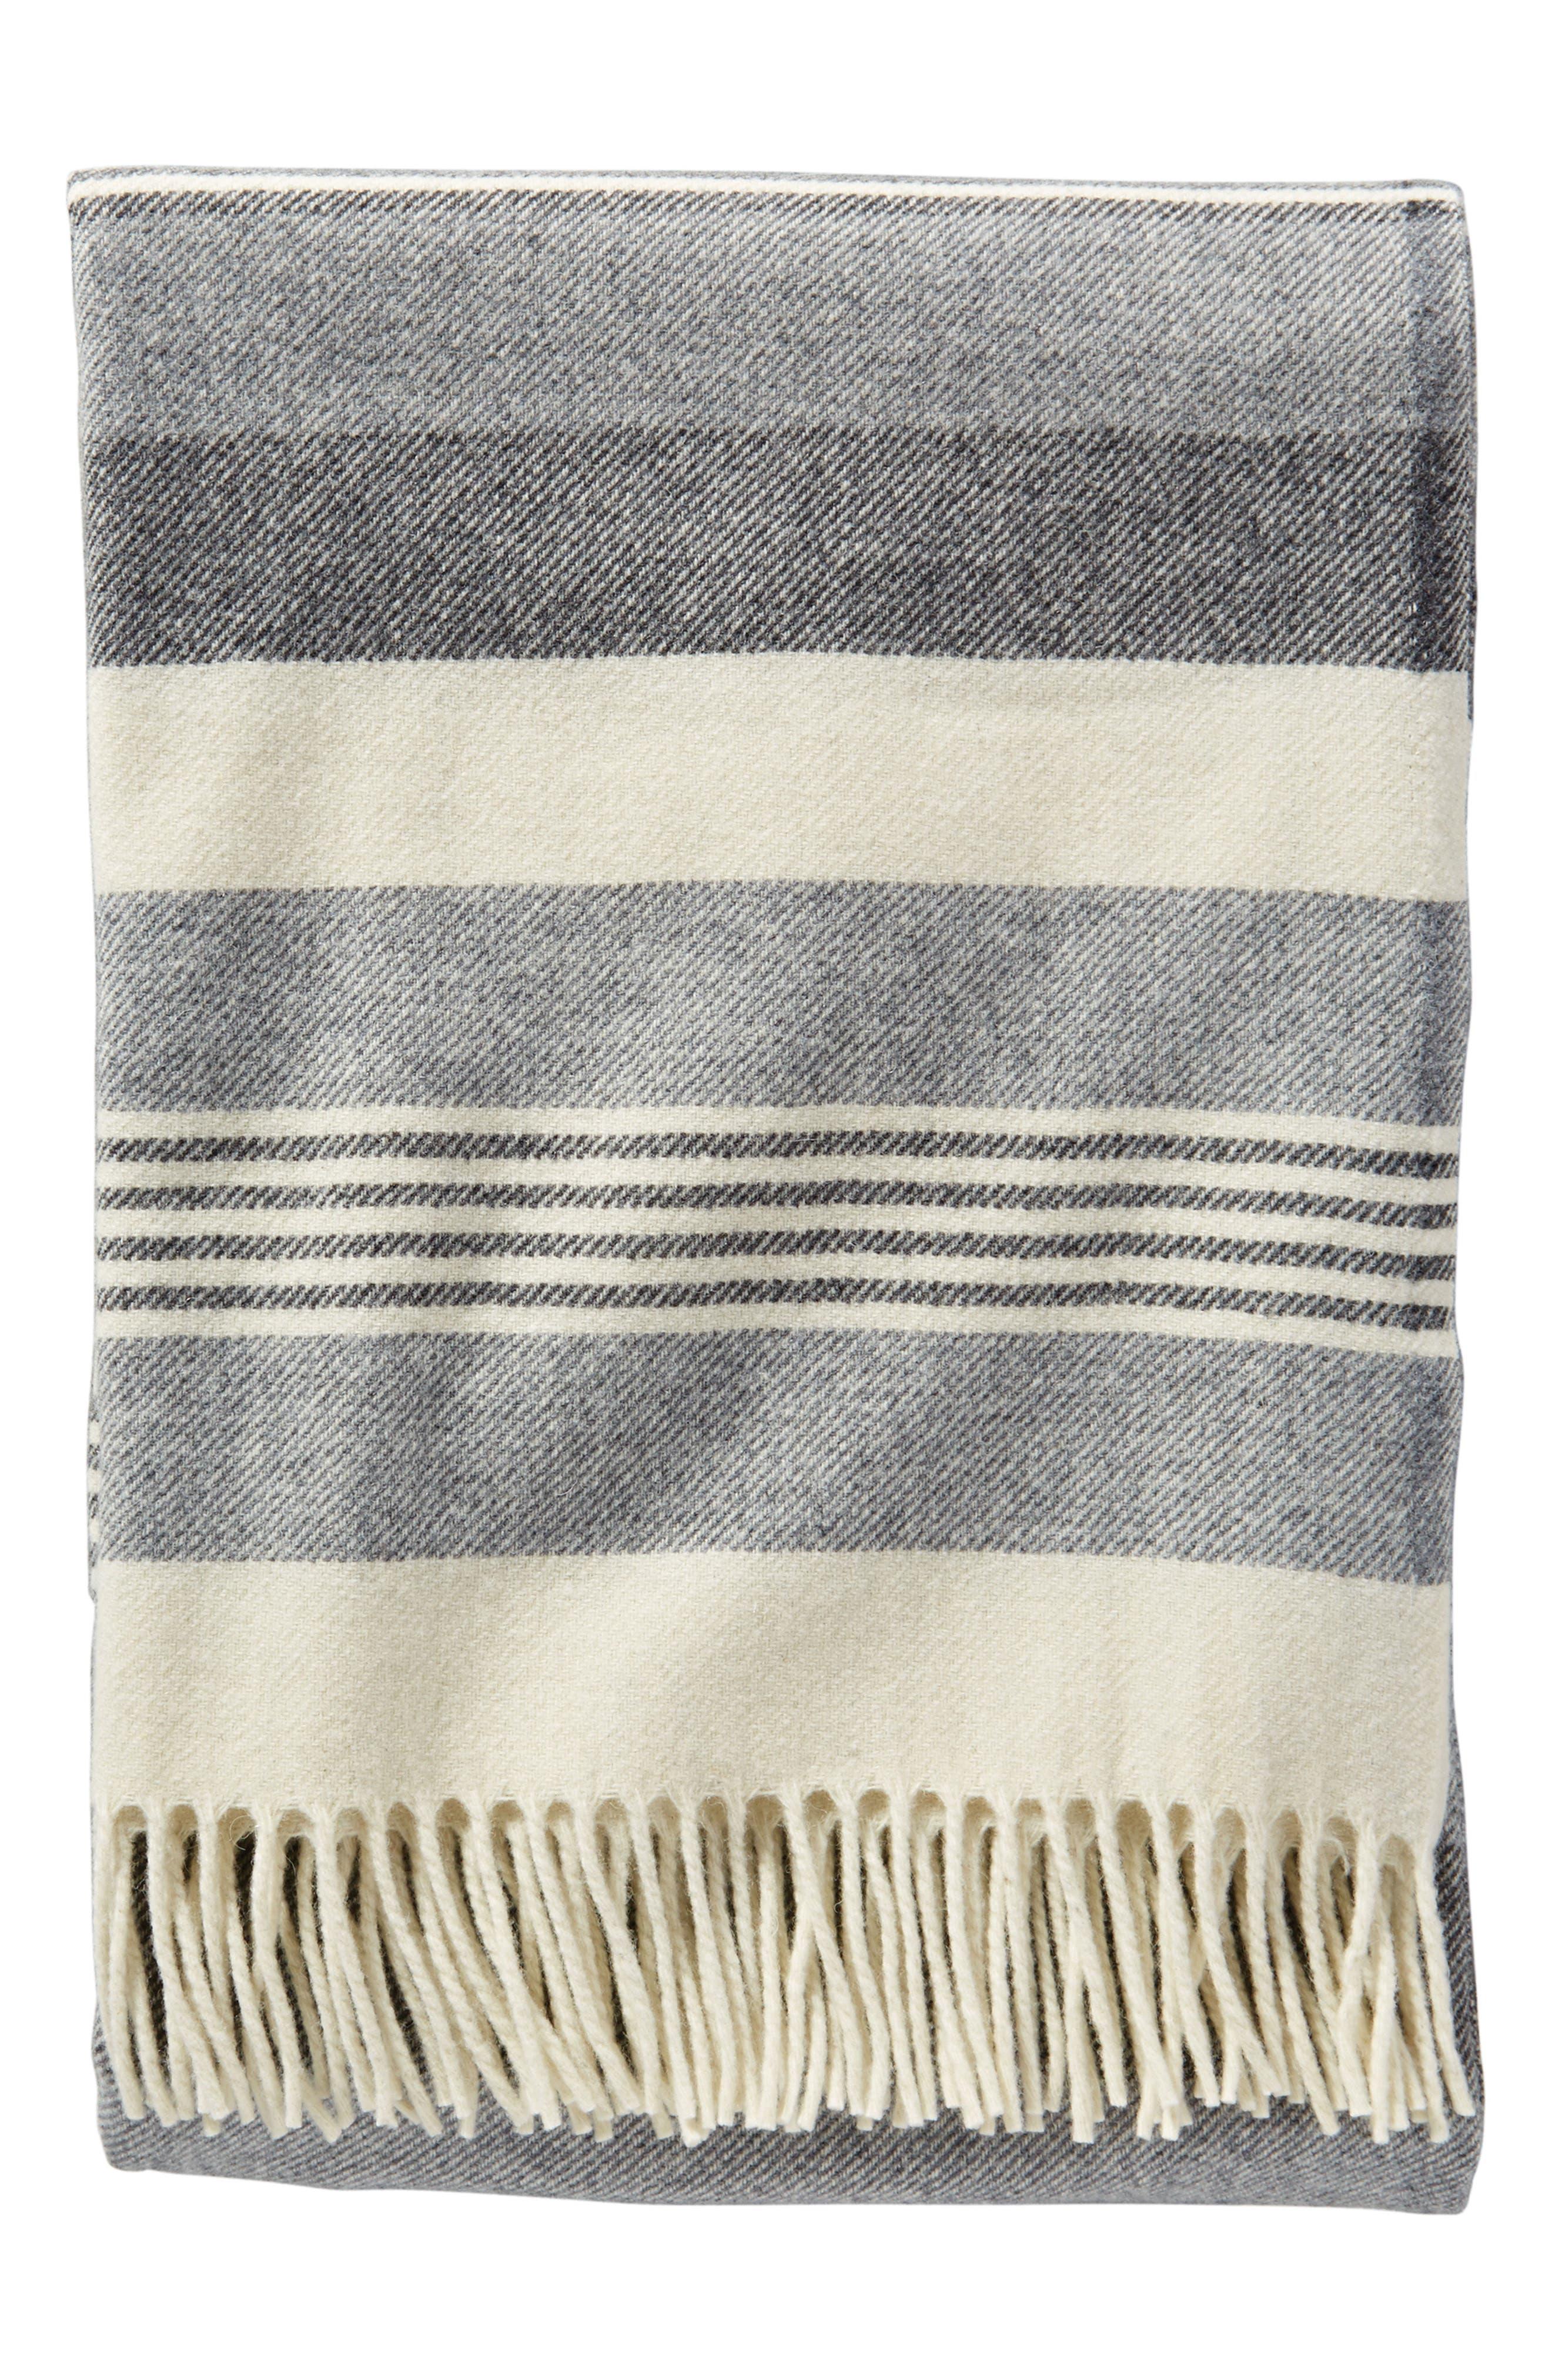 Horizon Stripe Lambswool Throw Blanket,                         Main,                         color, DESERT DUSK